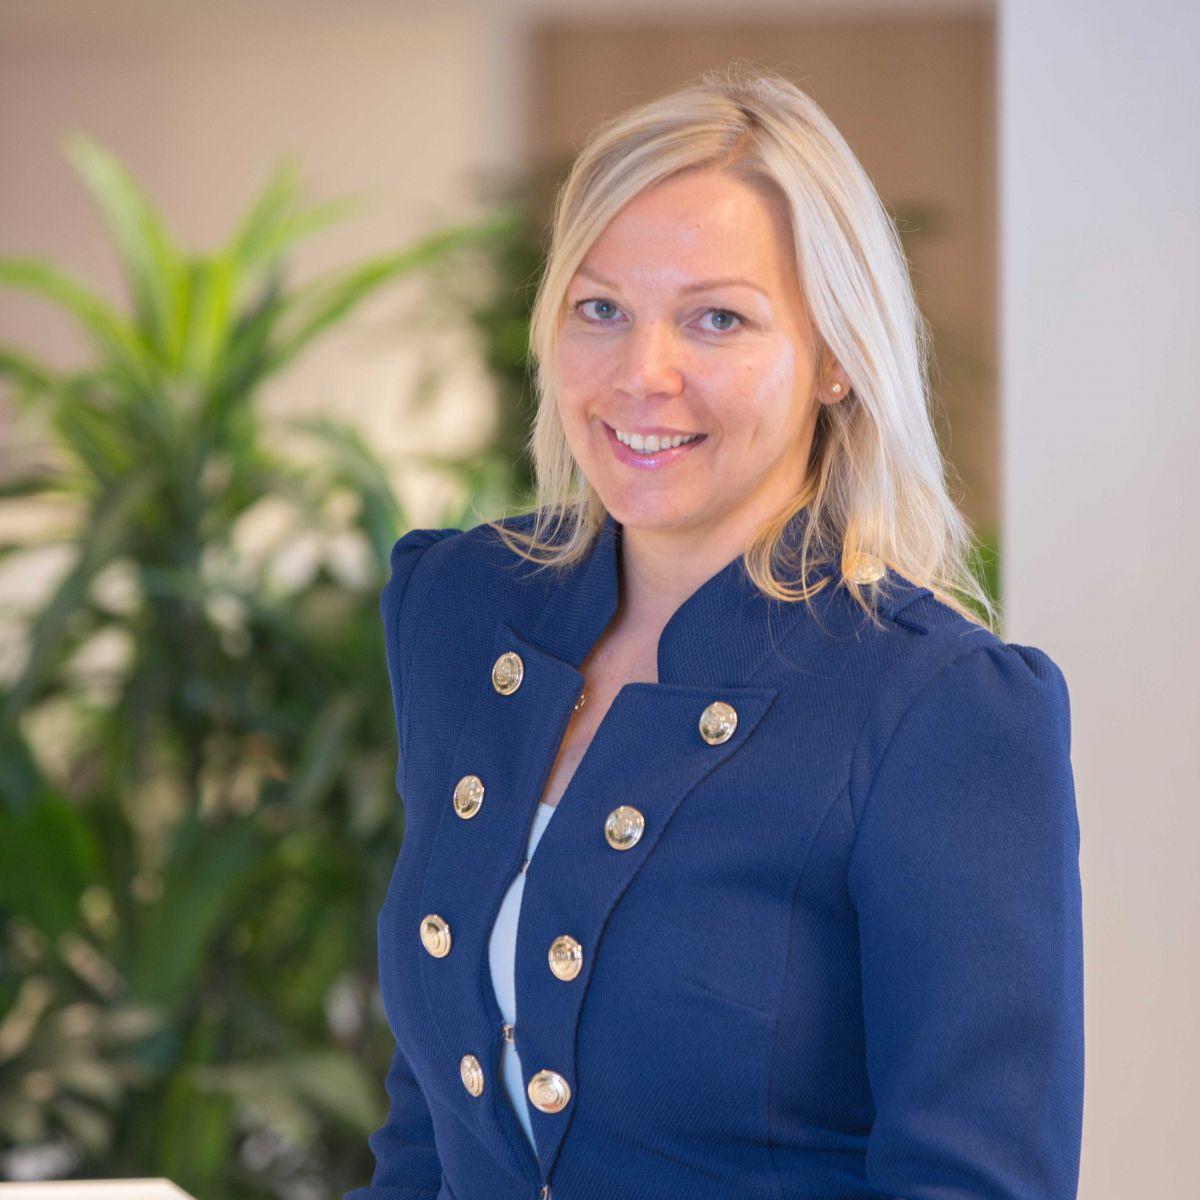 Desiree van Ginkel